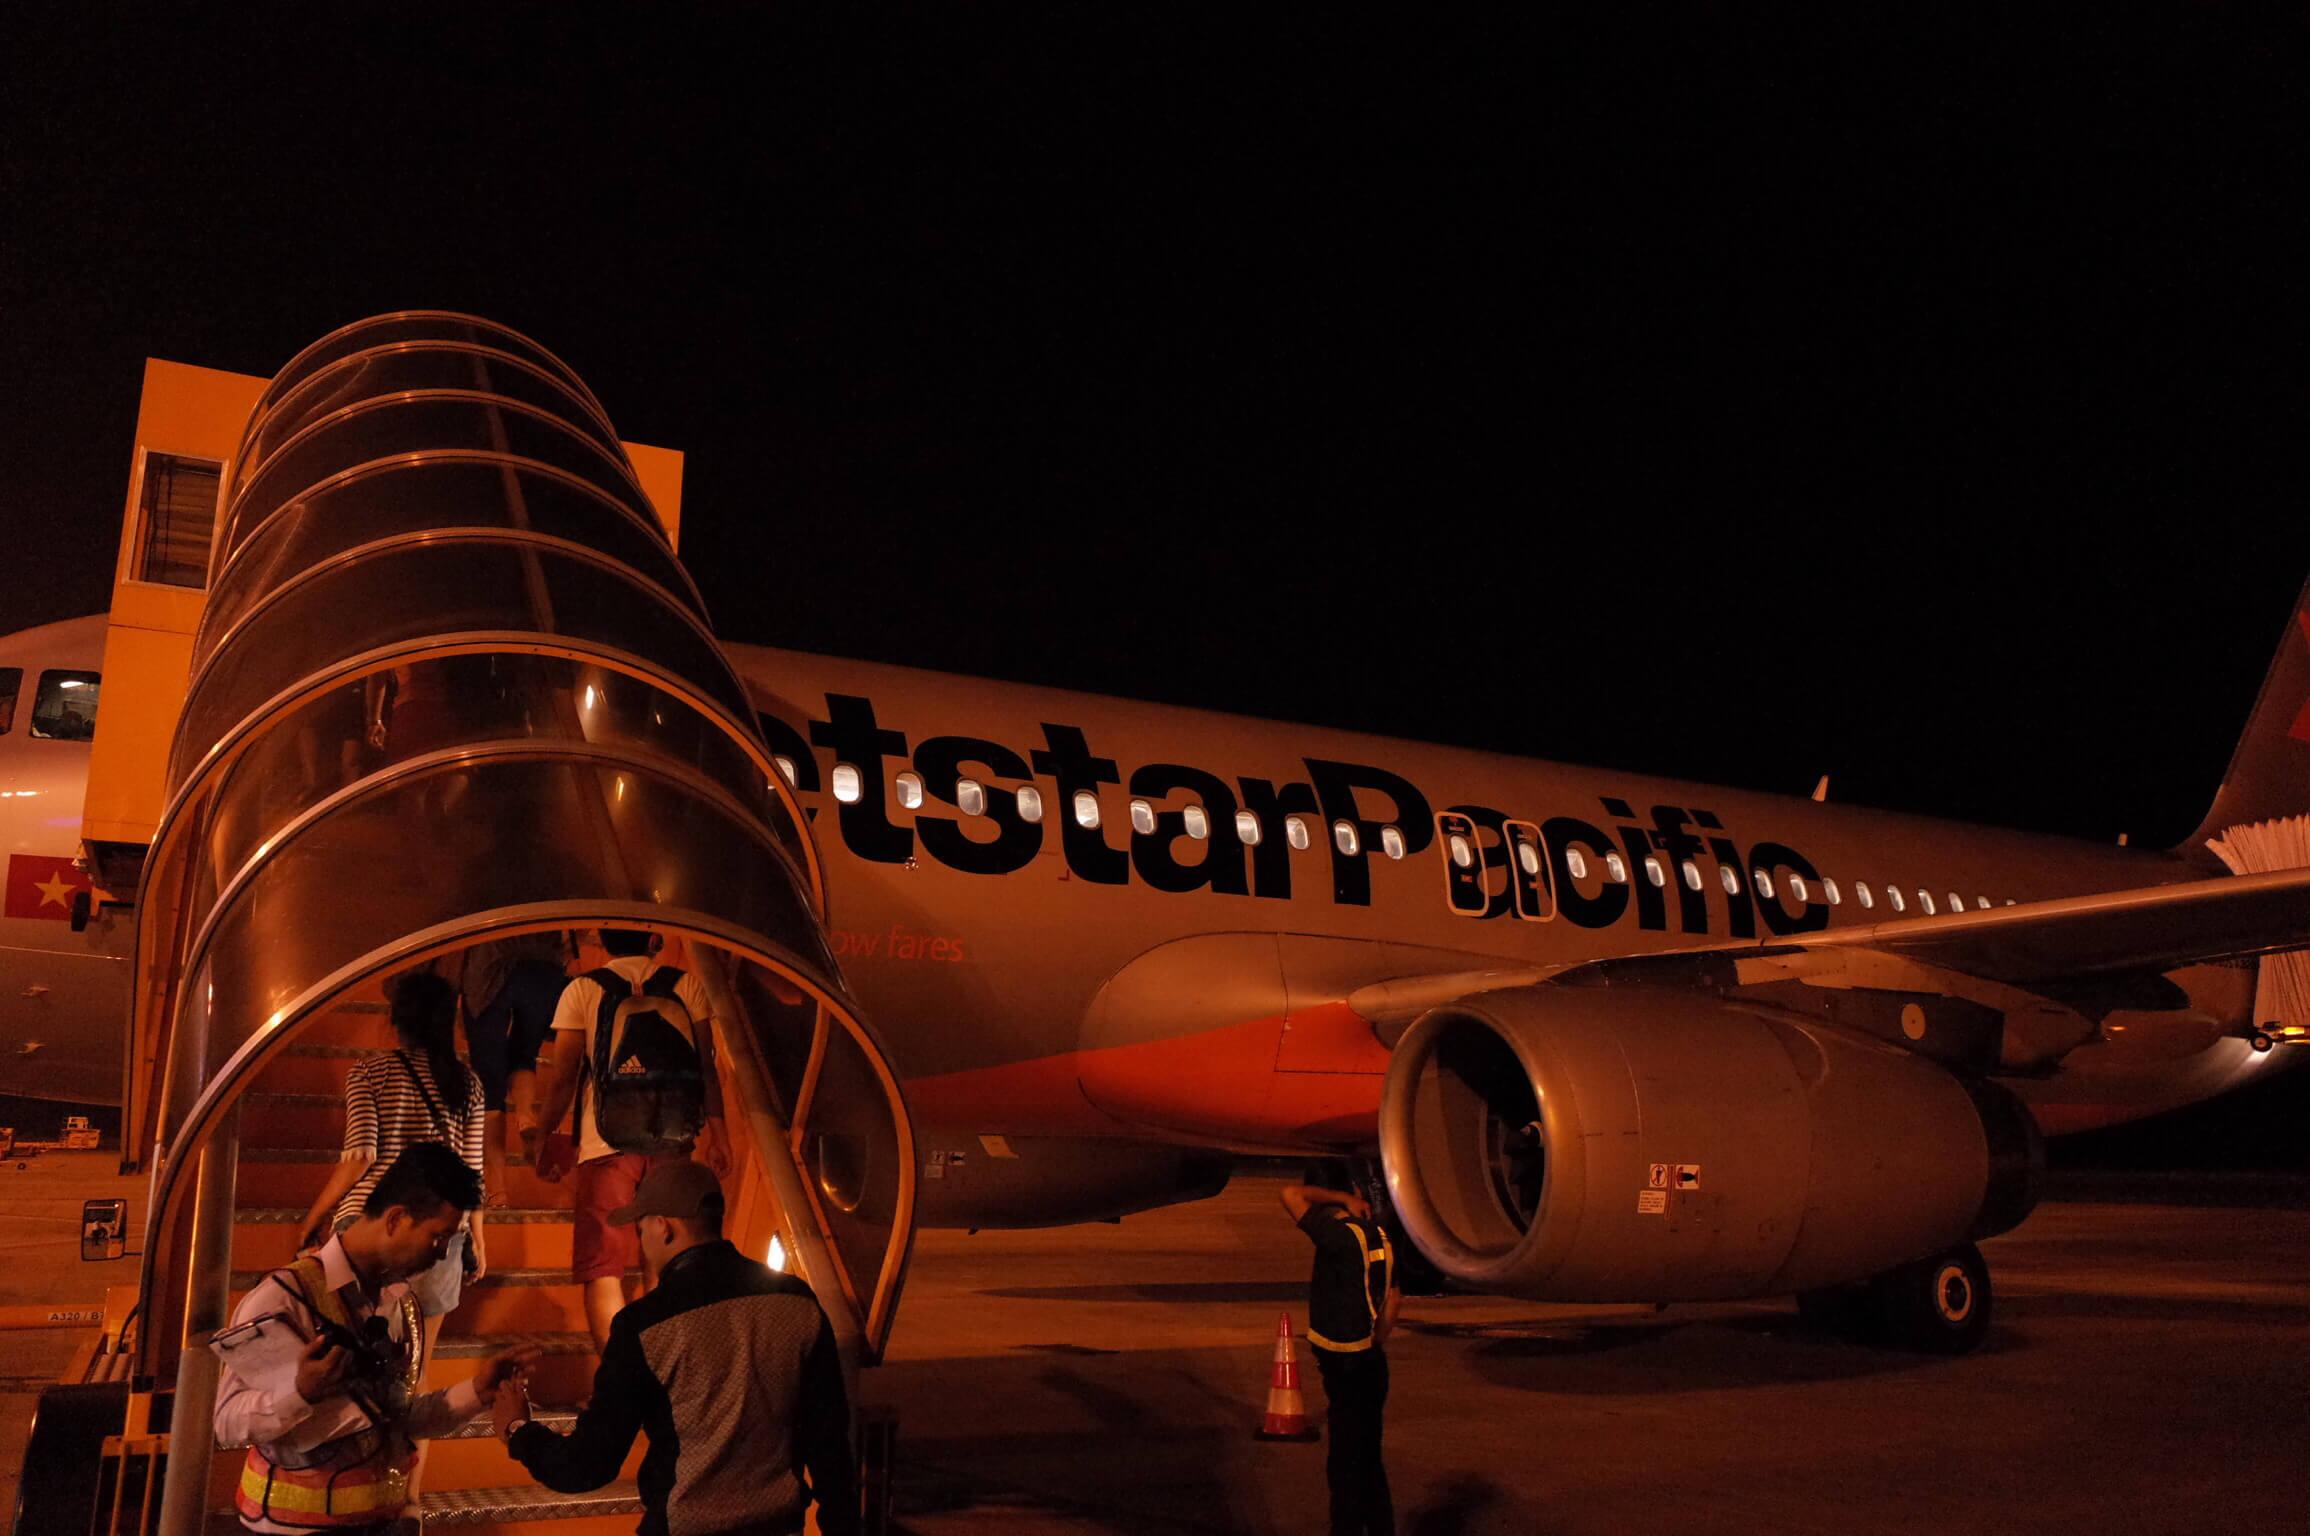 さらばフーコック!最後にフーコック国際空港を探索してみた!ただいまホーチミン